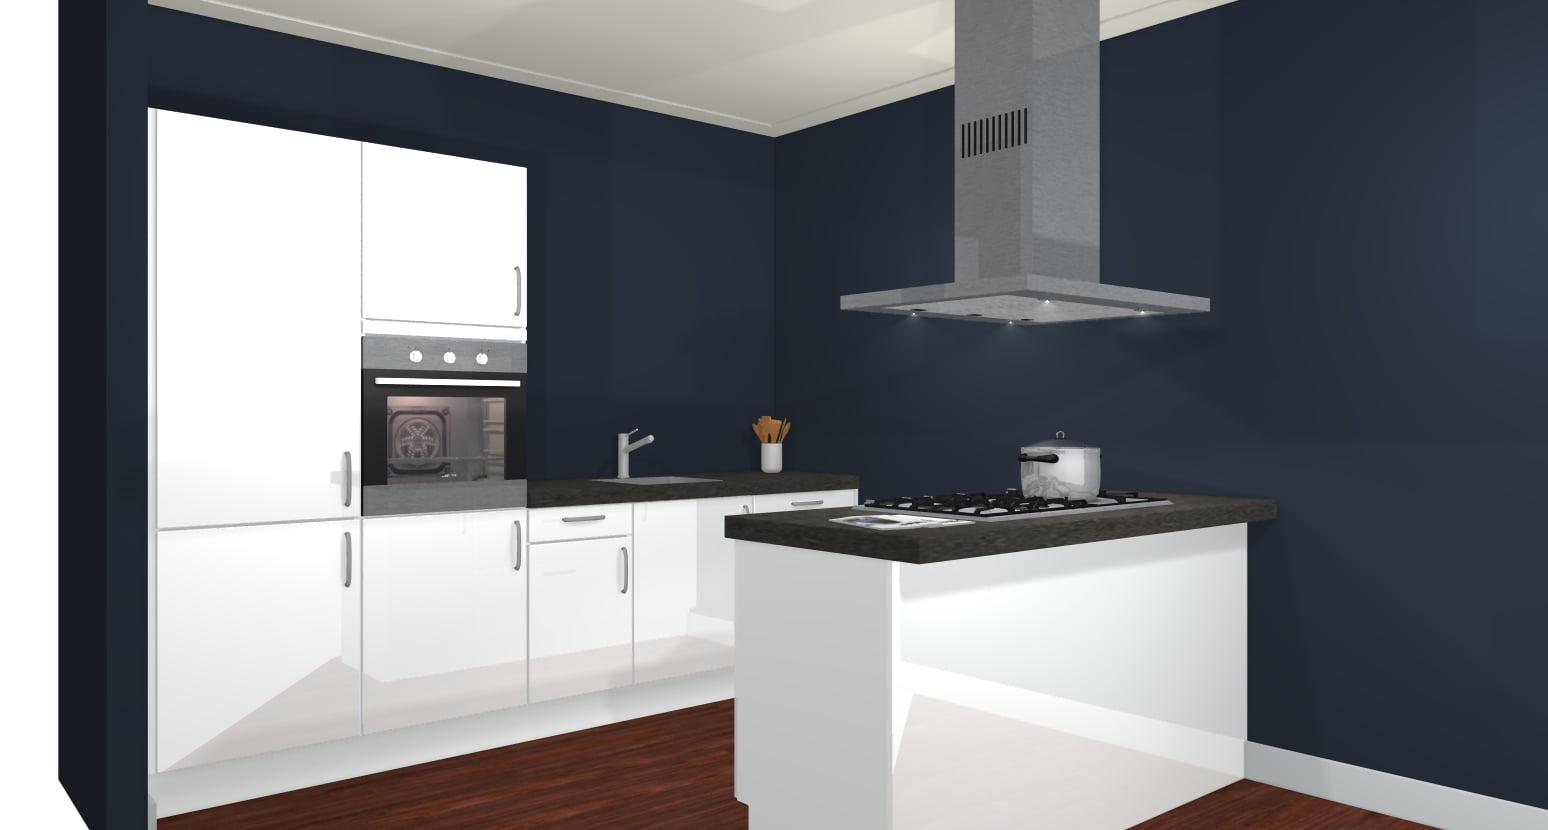 Keuken met eiland incl apparatuur de keukenbaas for Keuken 3d planner